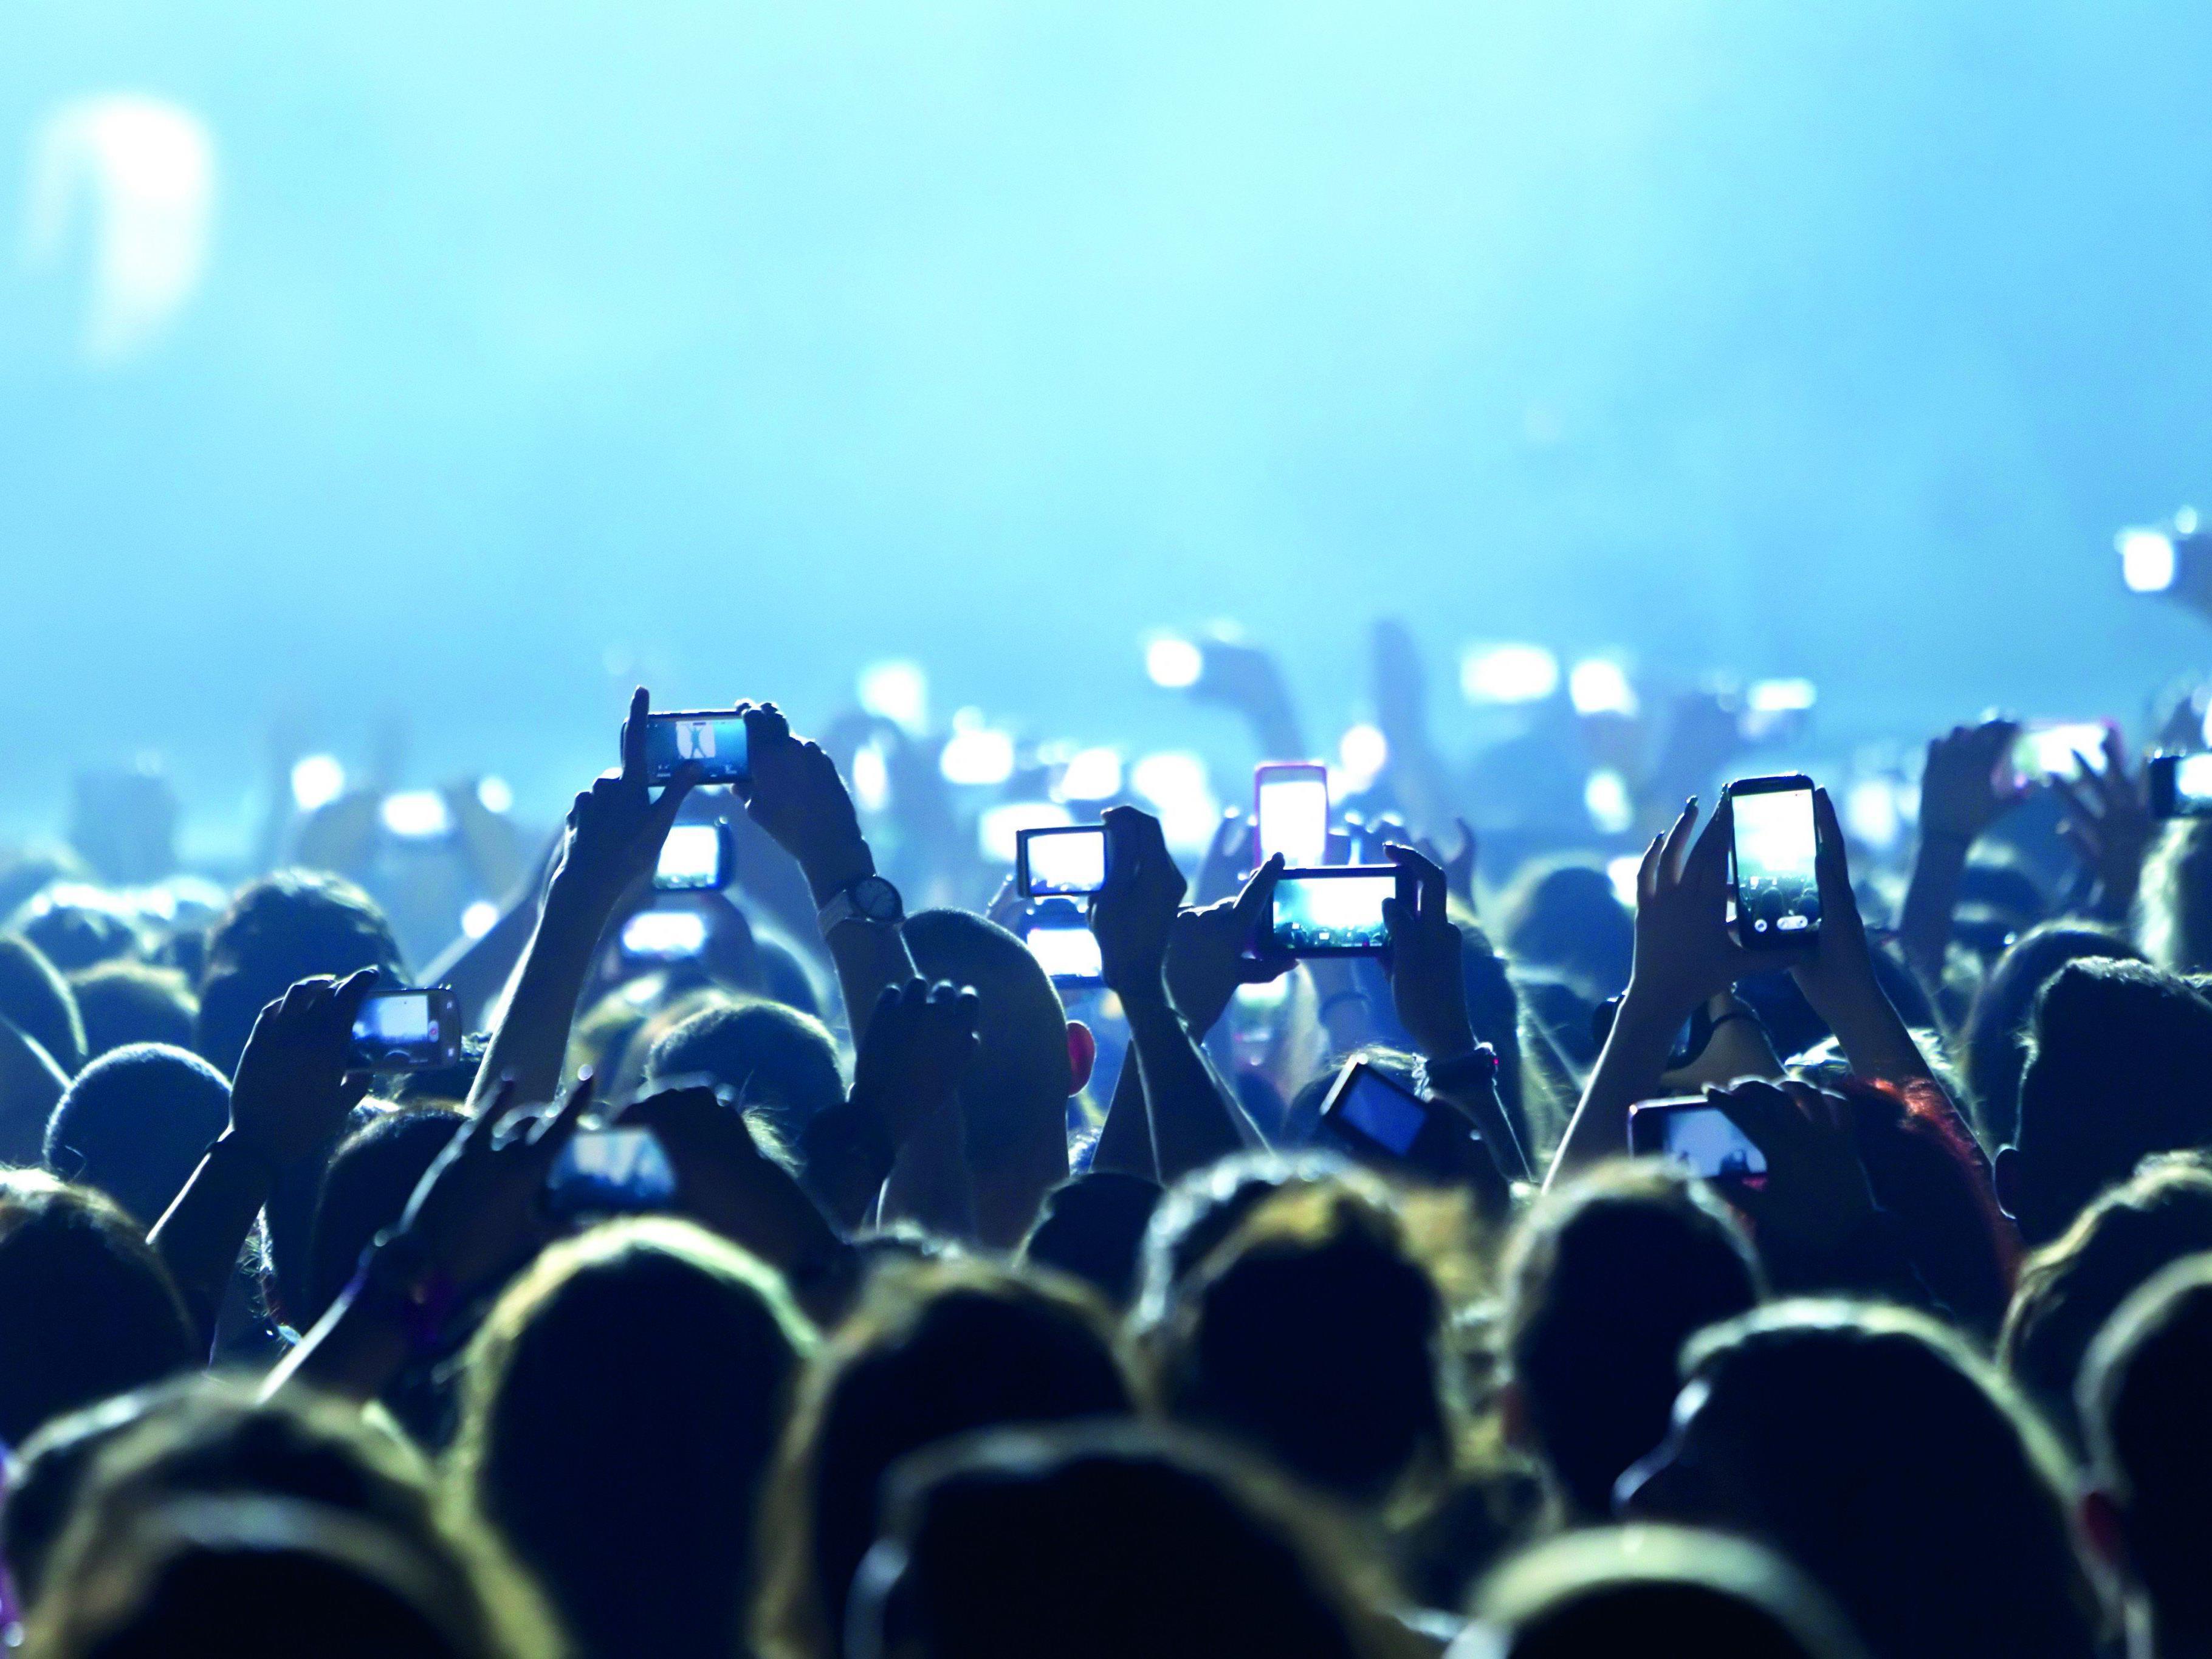 Mobile Endgeräte haben da Leben der Menschen verändert.